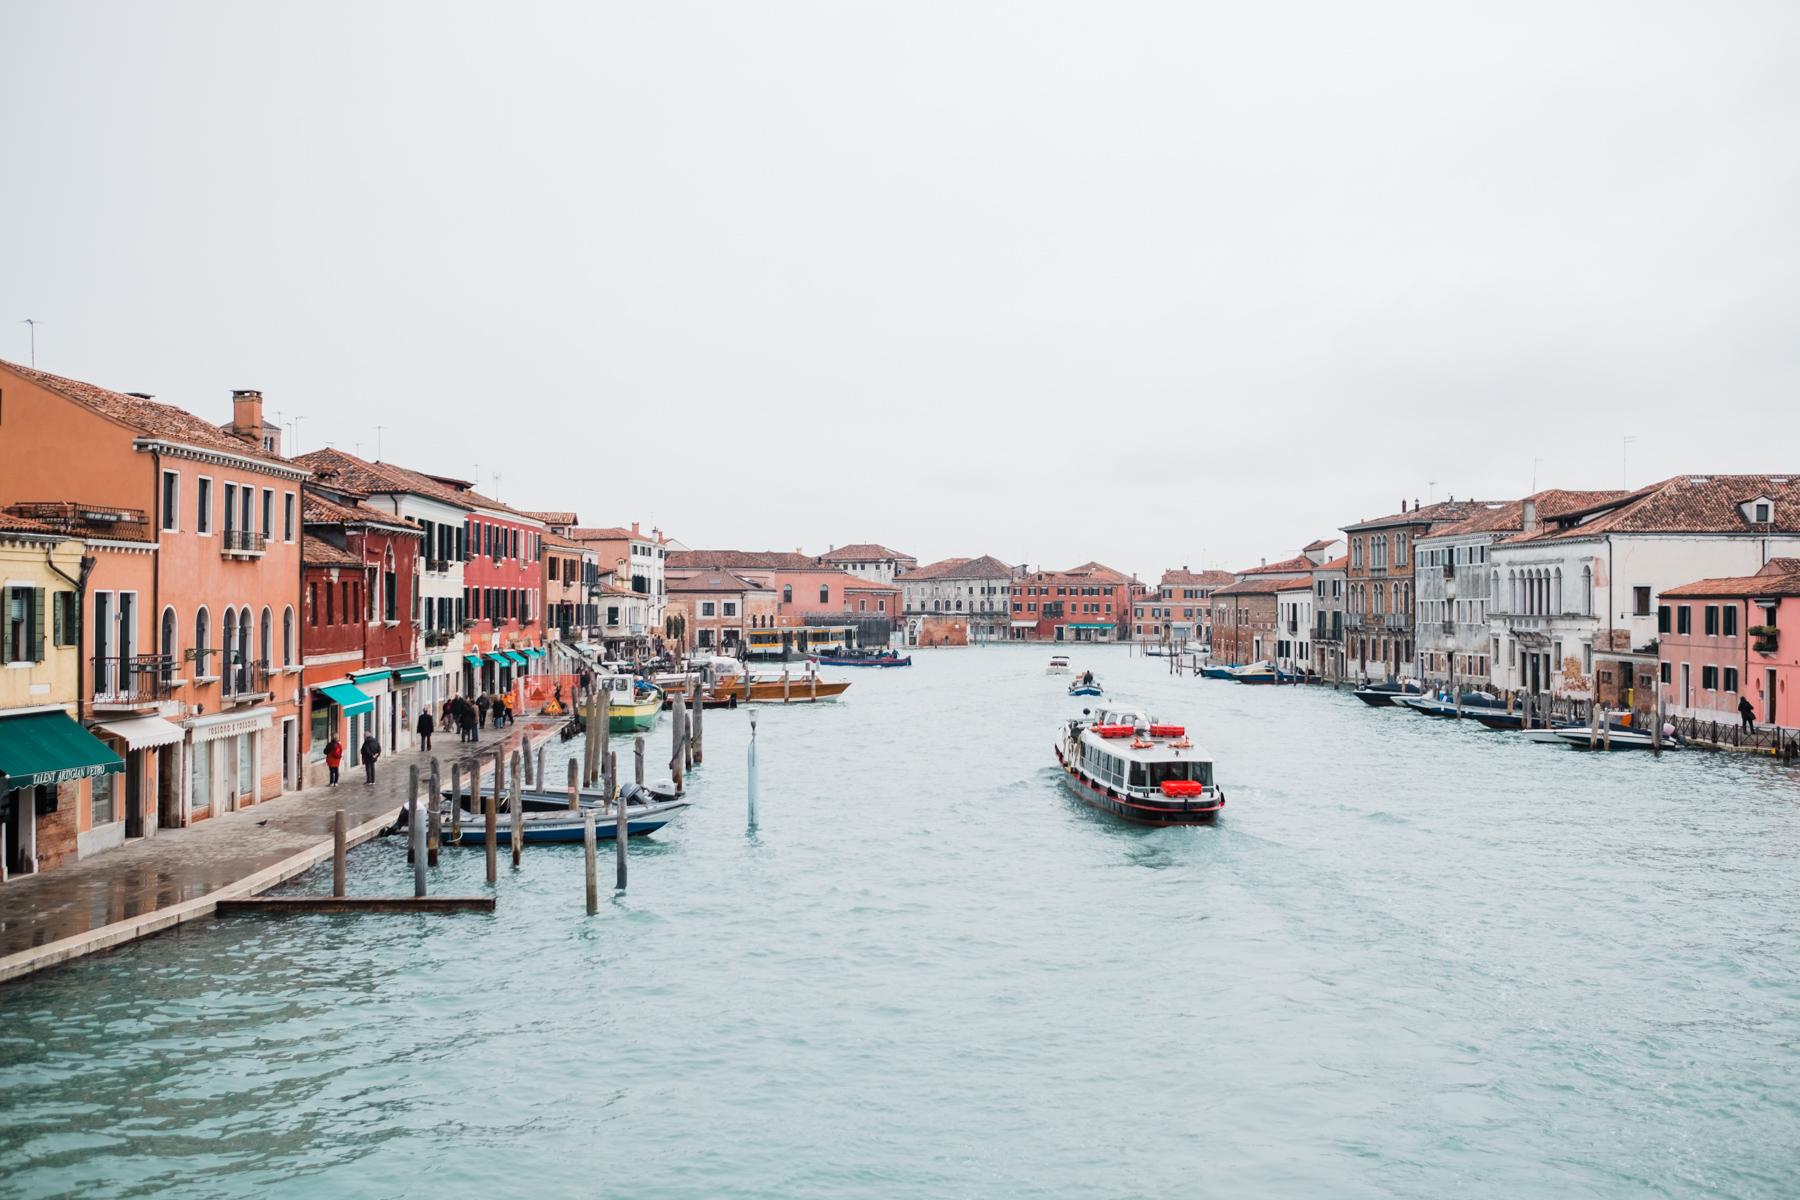 Venice_deersphotography-142